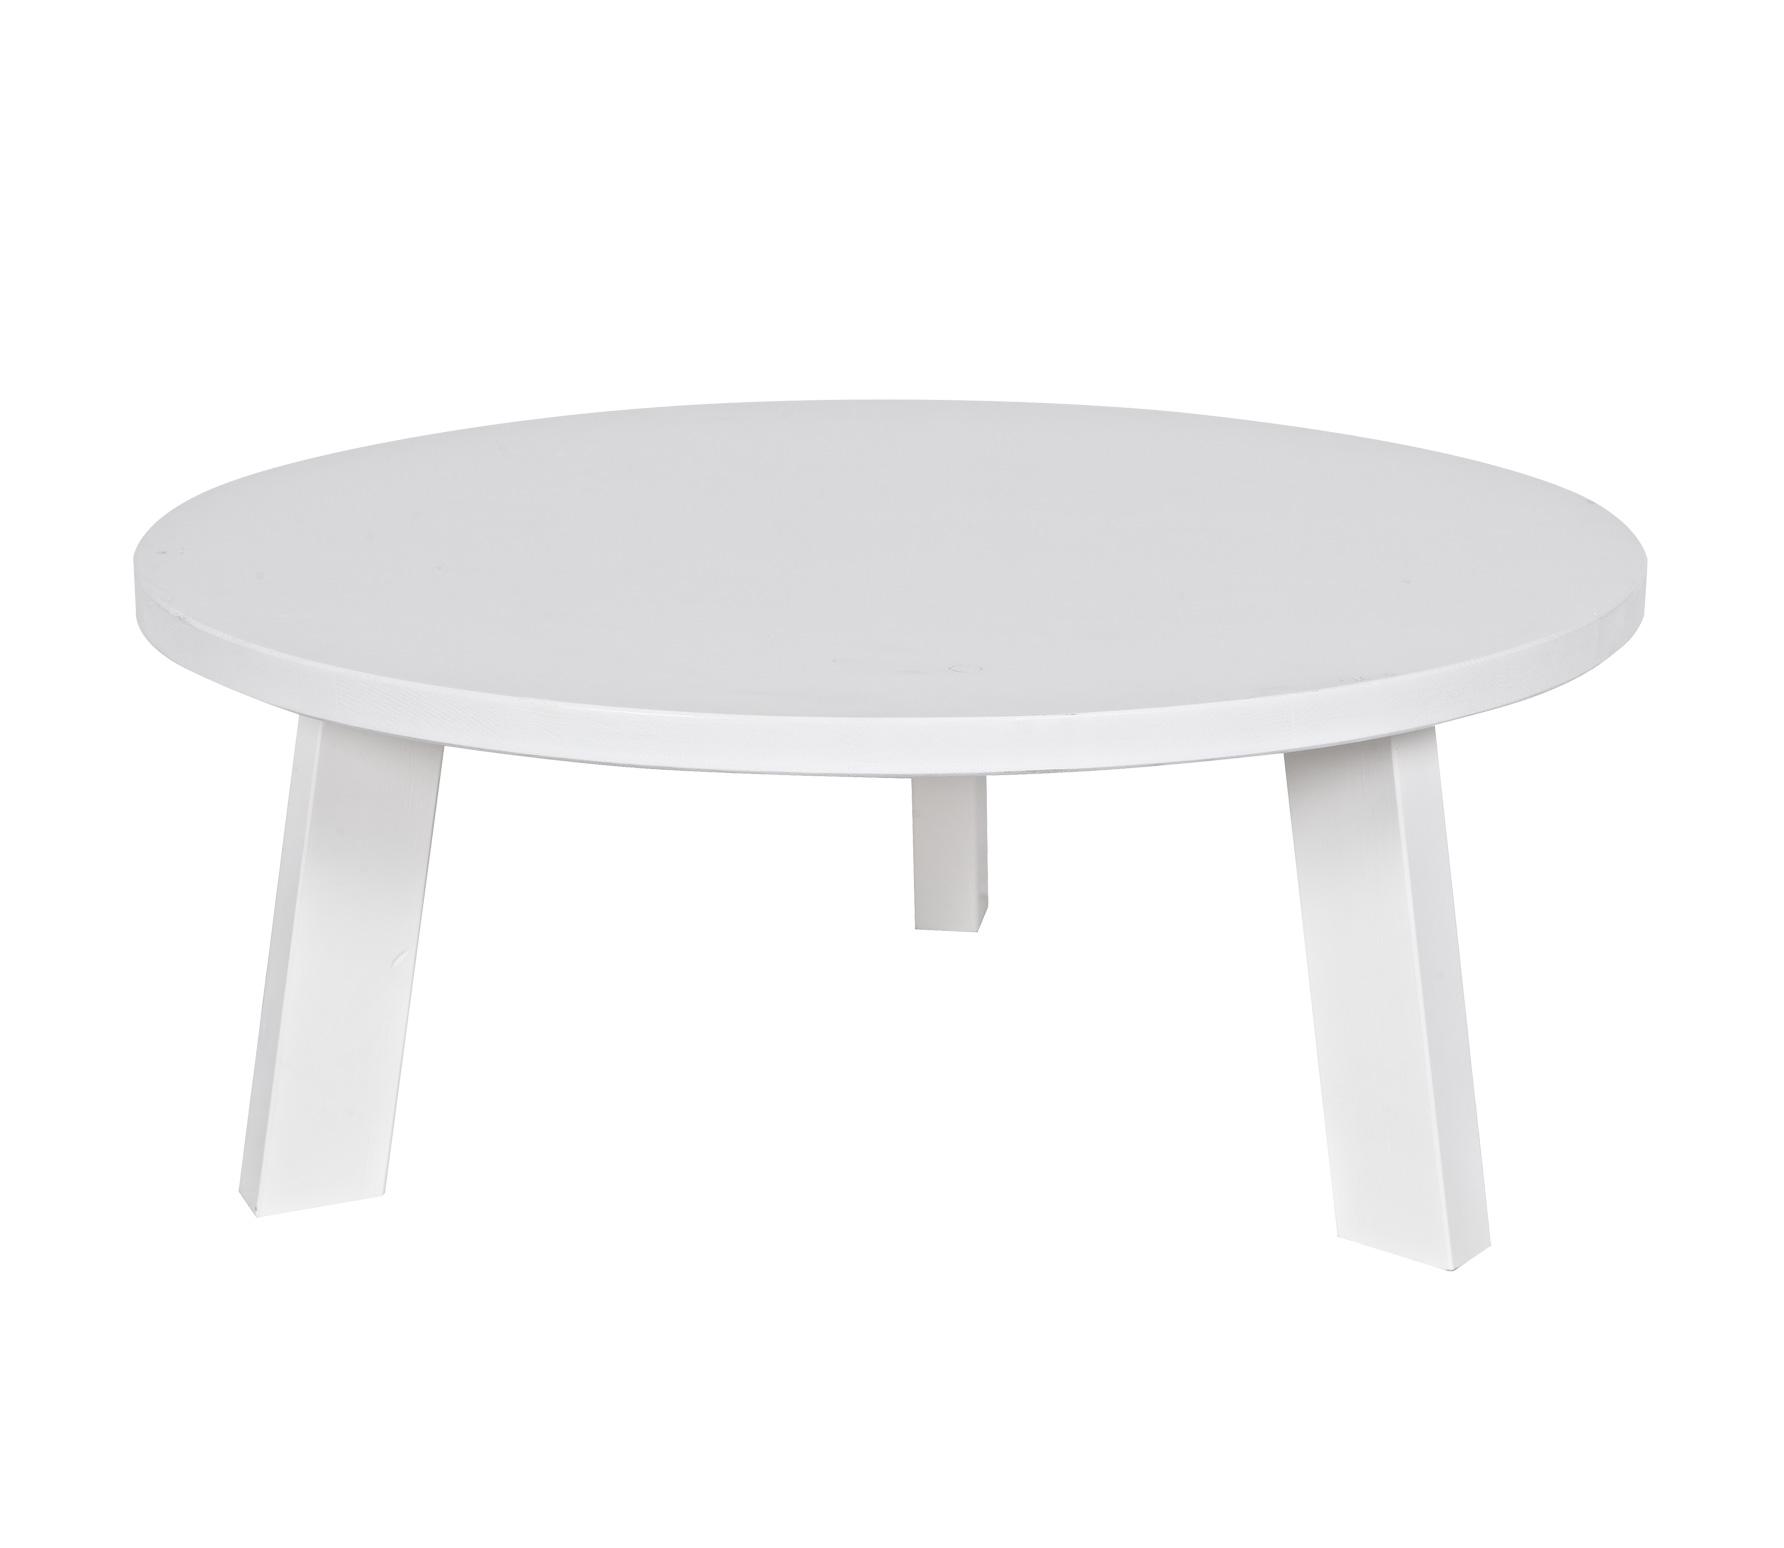 Ronde Witte Salontafeltjes.Ikea Salontafel Rond